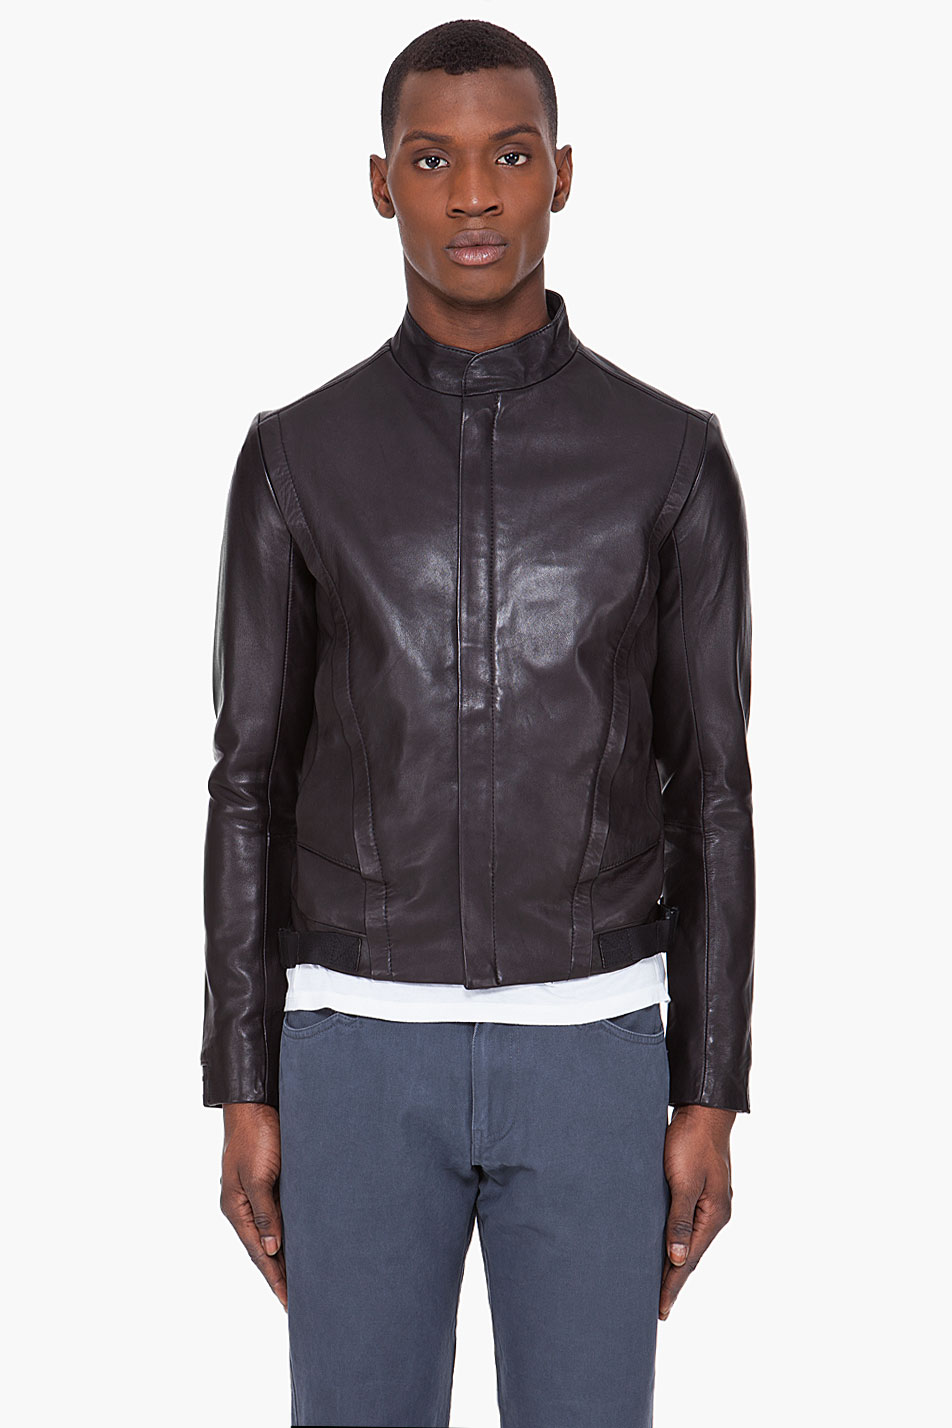 adidas slvr leather blouson jacket in black for men lyst. Black Bedroom Furniture Sets. Home Design Ideas